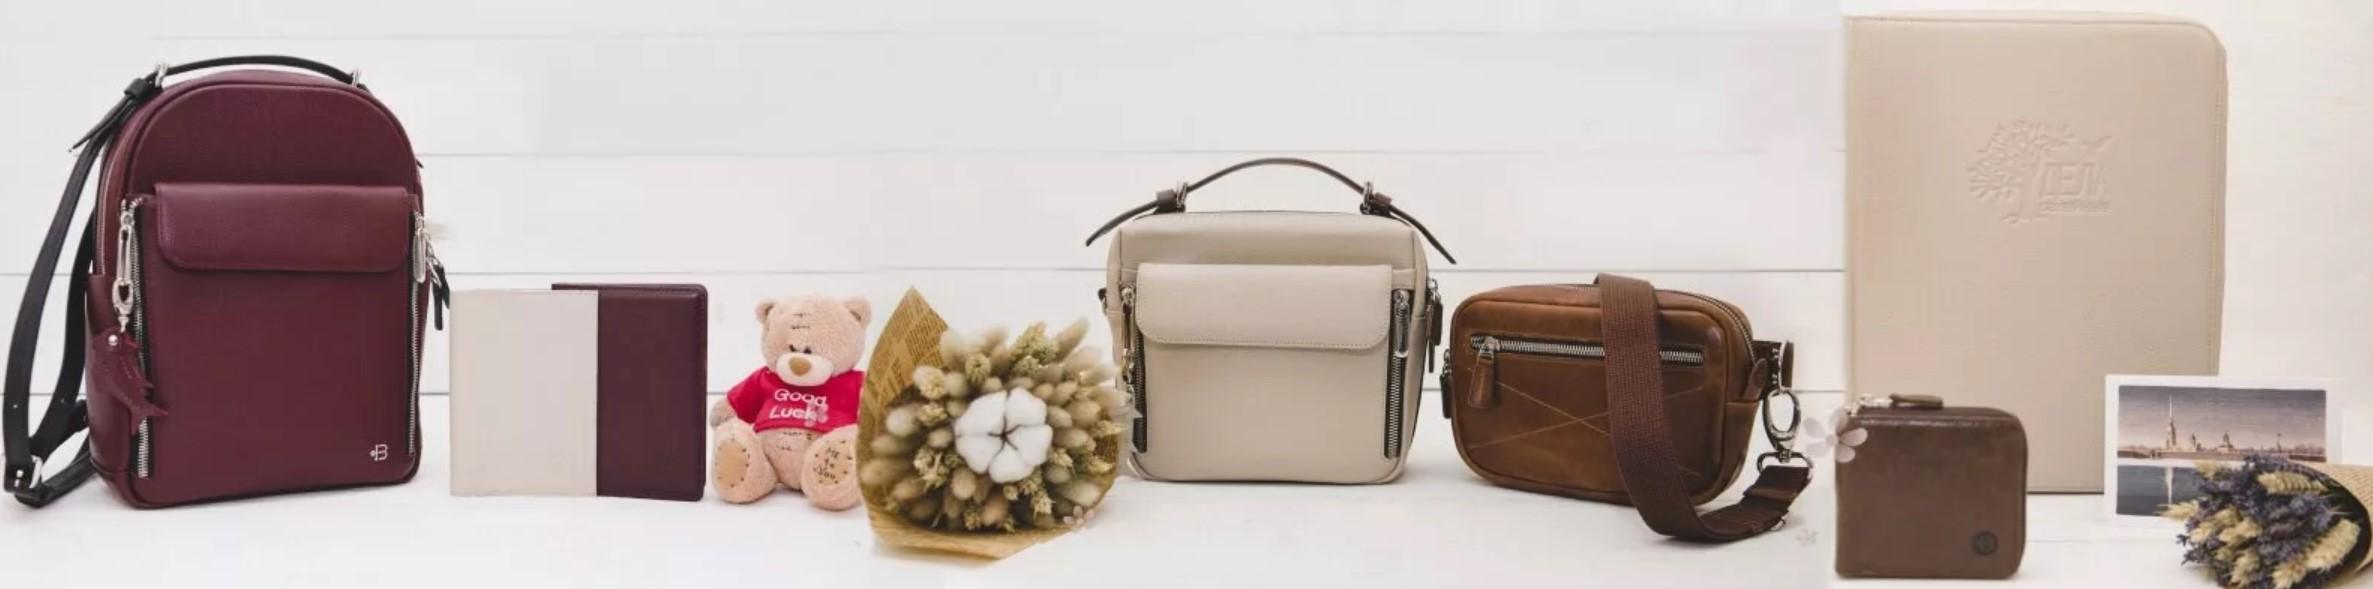 Сумки и рюкзаки с ali express